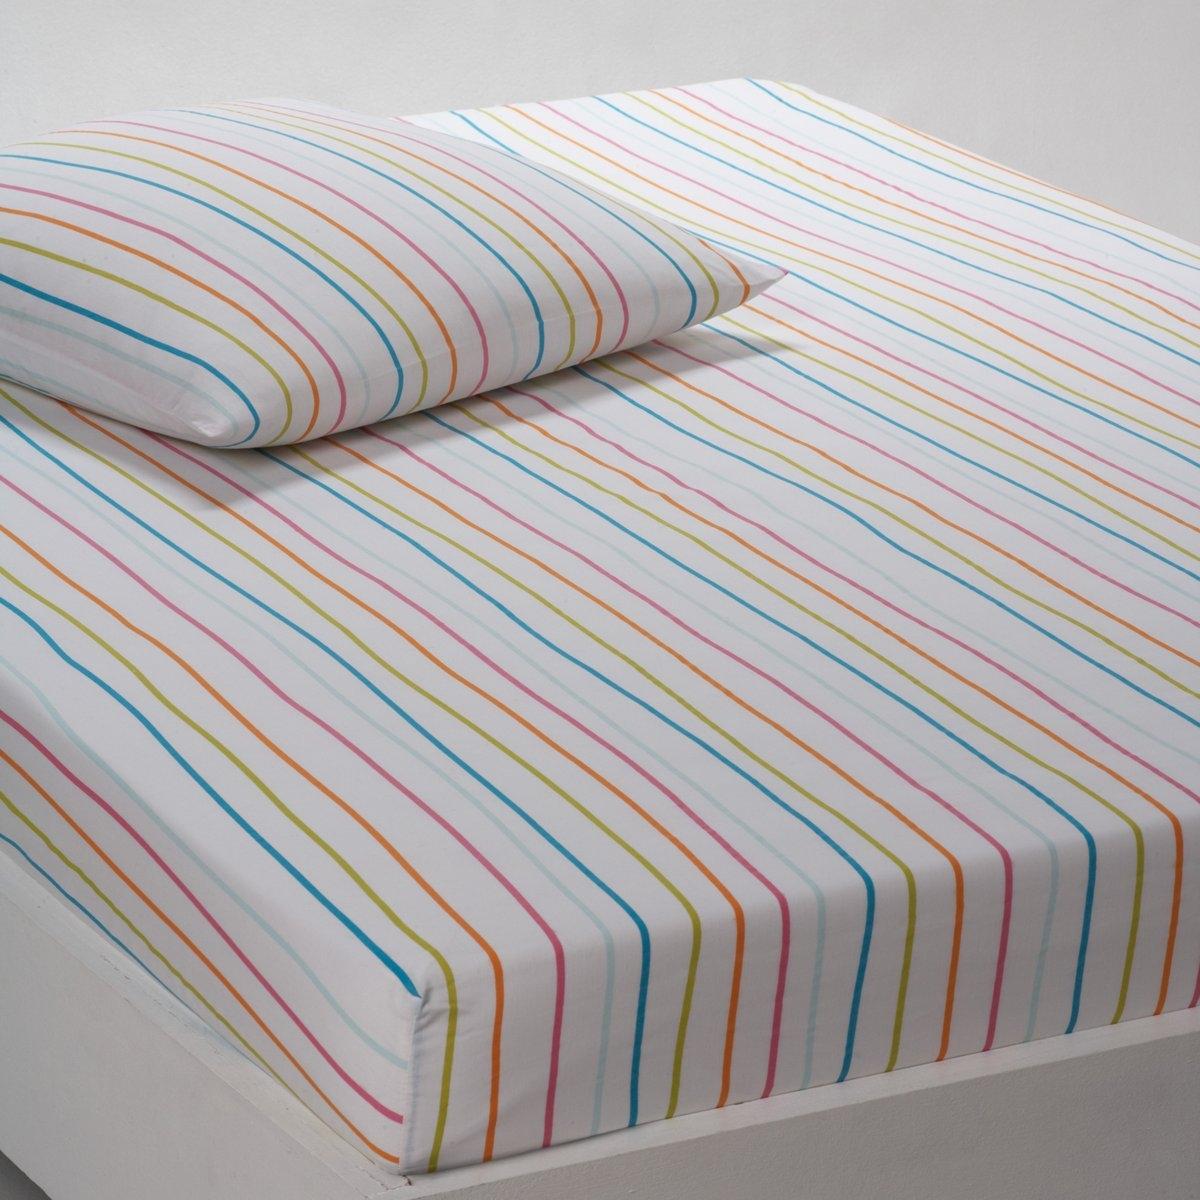 Натяжная простыня СандаВеселый комплект с разноцветными цветами! Качество Valeur S?re за ткань с плотным переплетением нитей (57 нитей/см?). 100% хлопка. В вертикальную полоску. Стирка при 60°. Размеры:  90 x 190 см : 1-сп. 140 x 190 см : 2-сп. 160 x 200 см : 2-сп.<br><br>Цвет: розовый/ зеленый